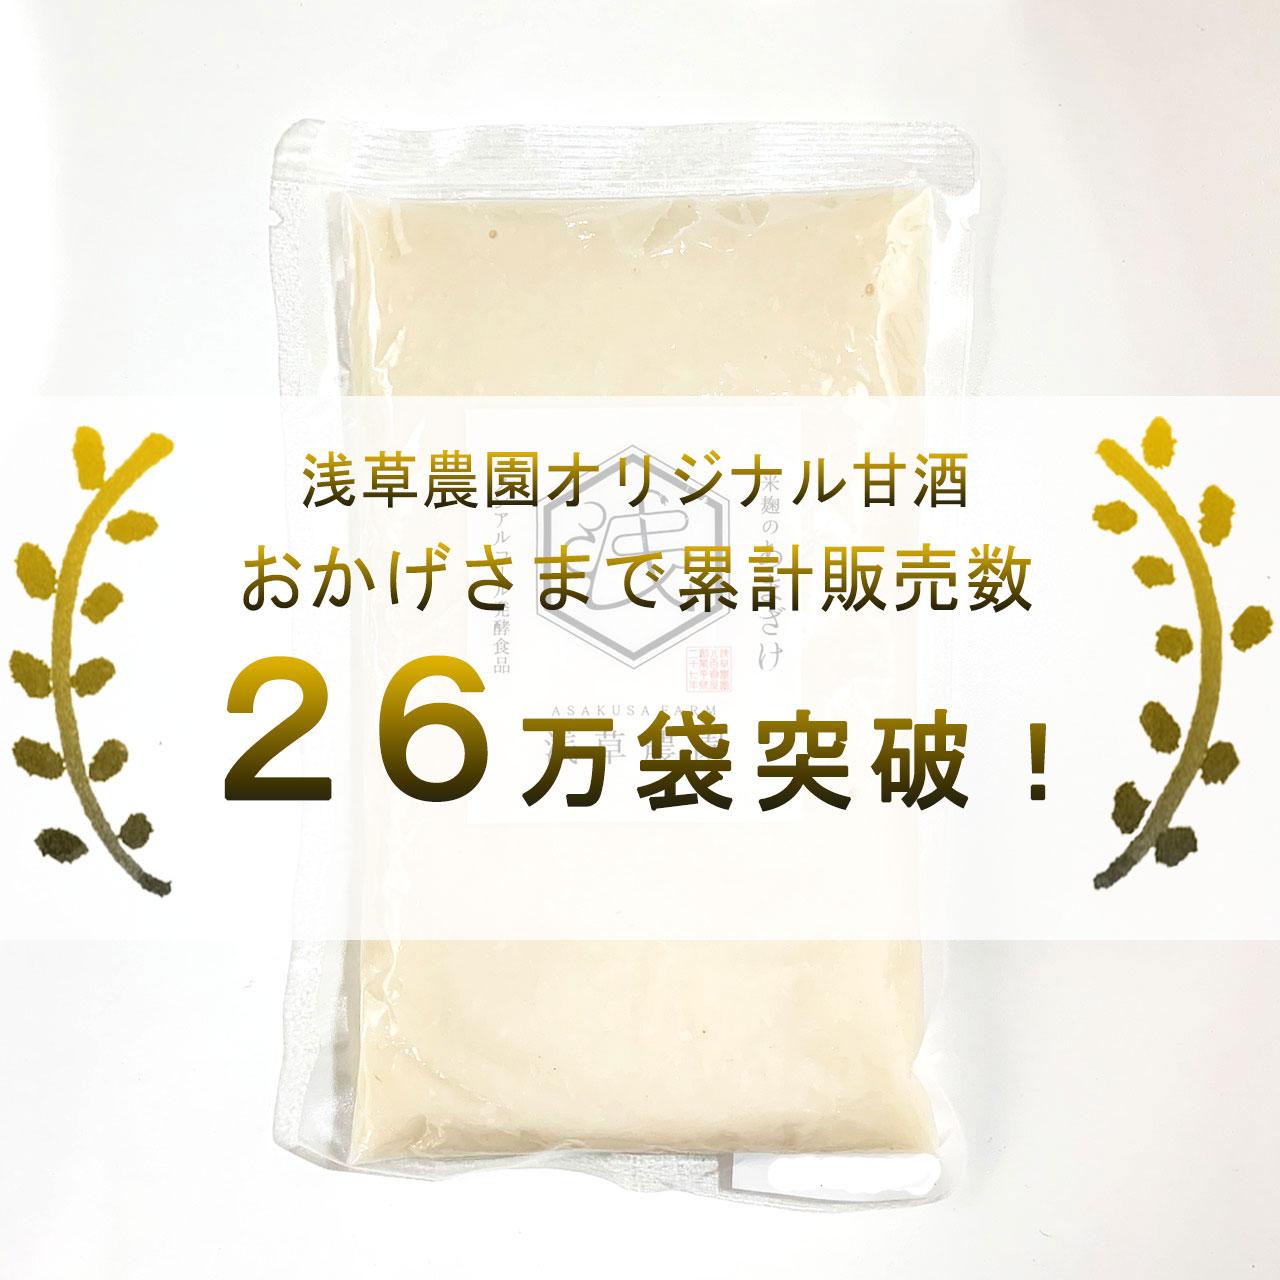 ○【定期購入商品】甘酒10袋セット